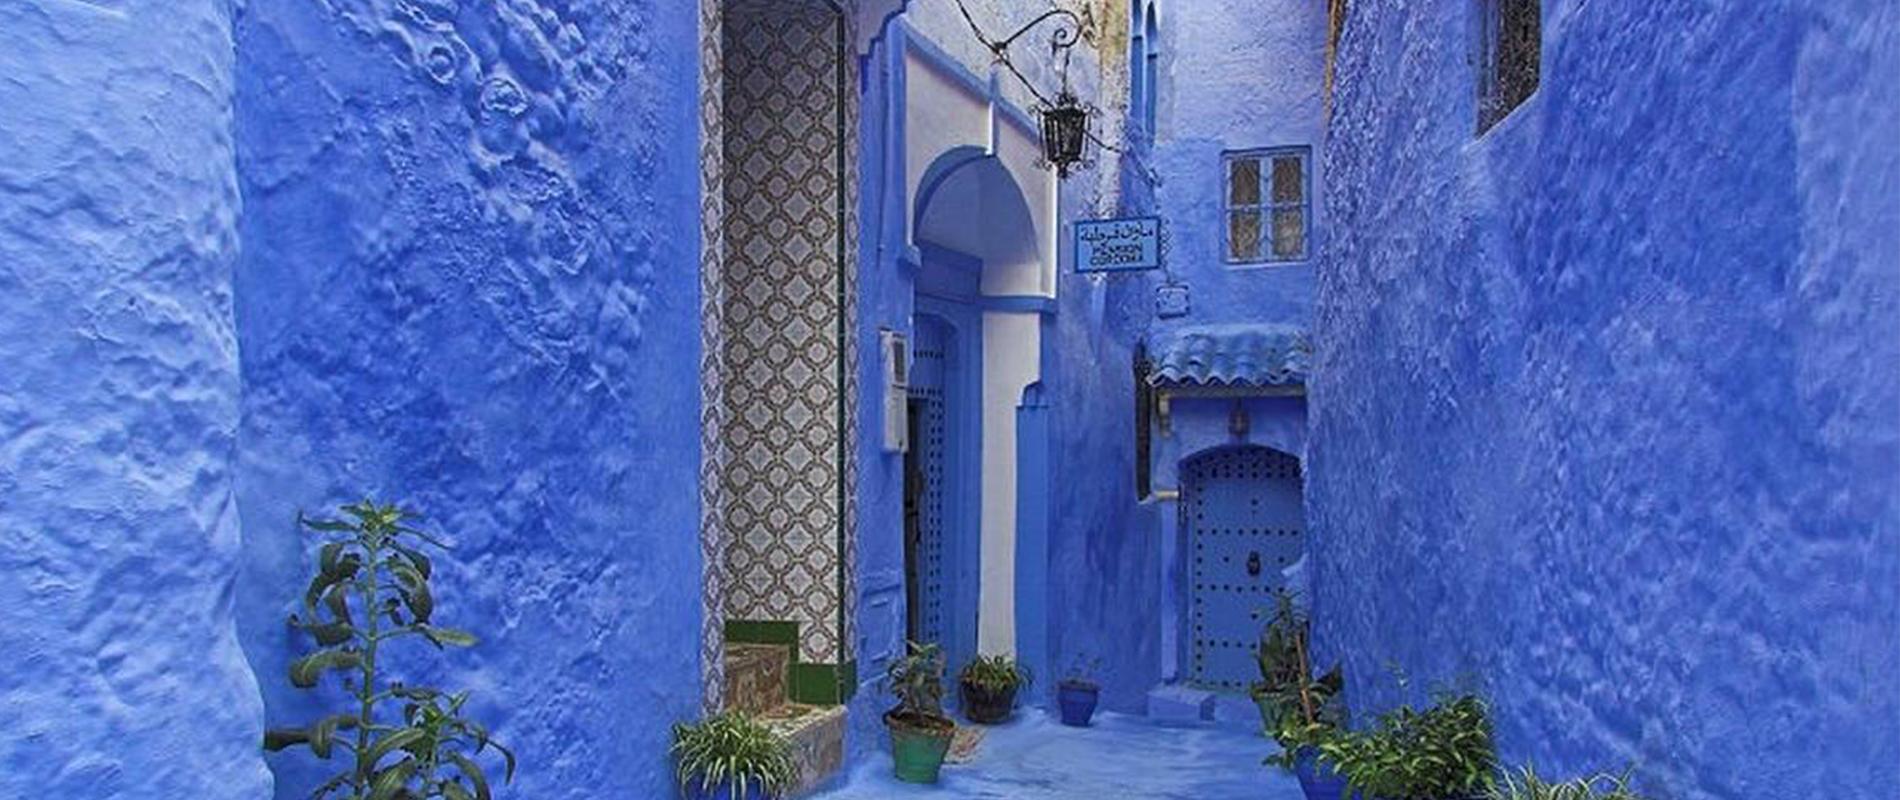 Chefchaouen, la città dipinta di blu